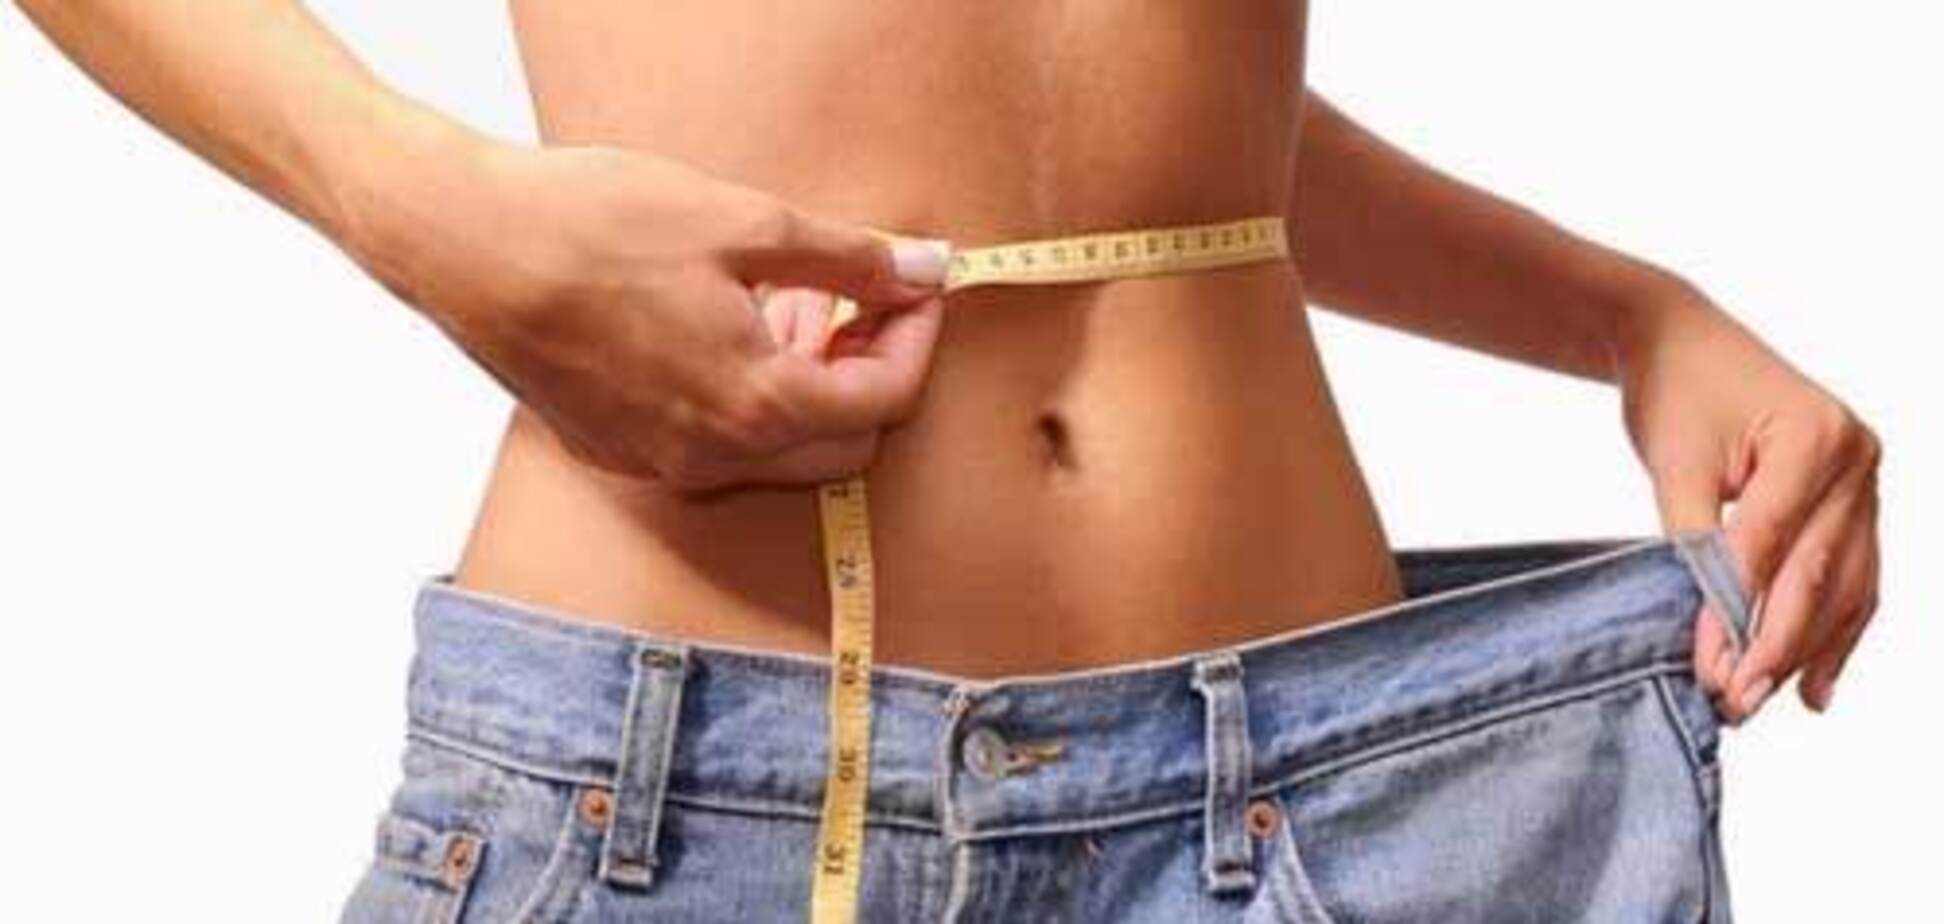 Похудеть на 7 кг за две недели: названа самая эффективная диета на осень